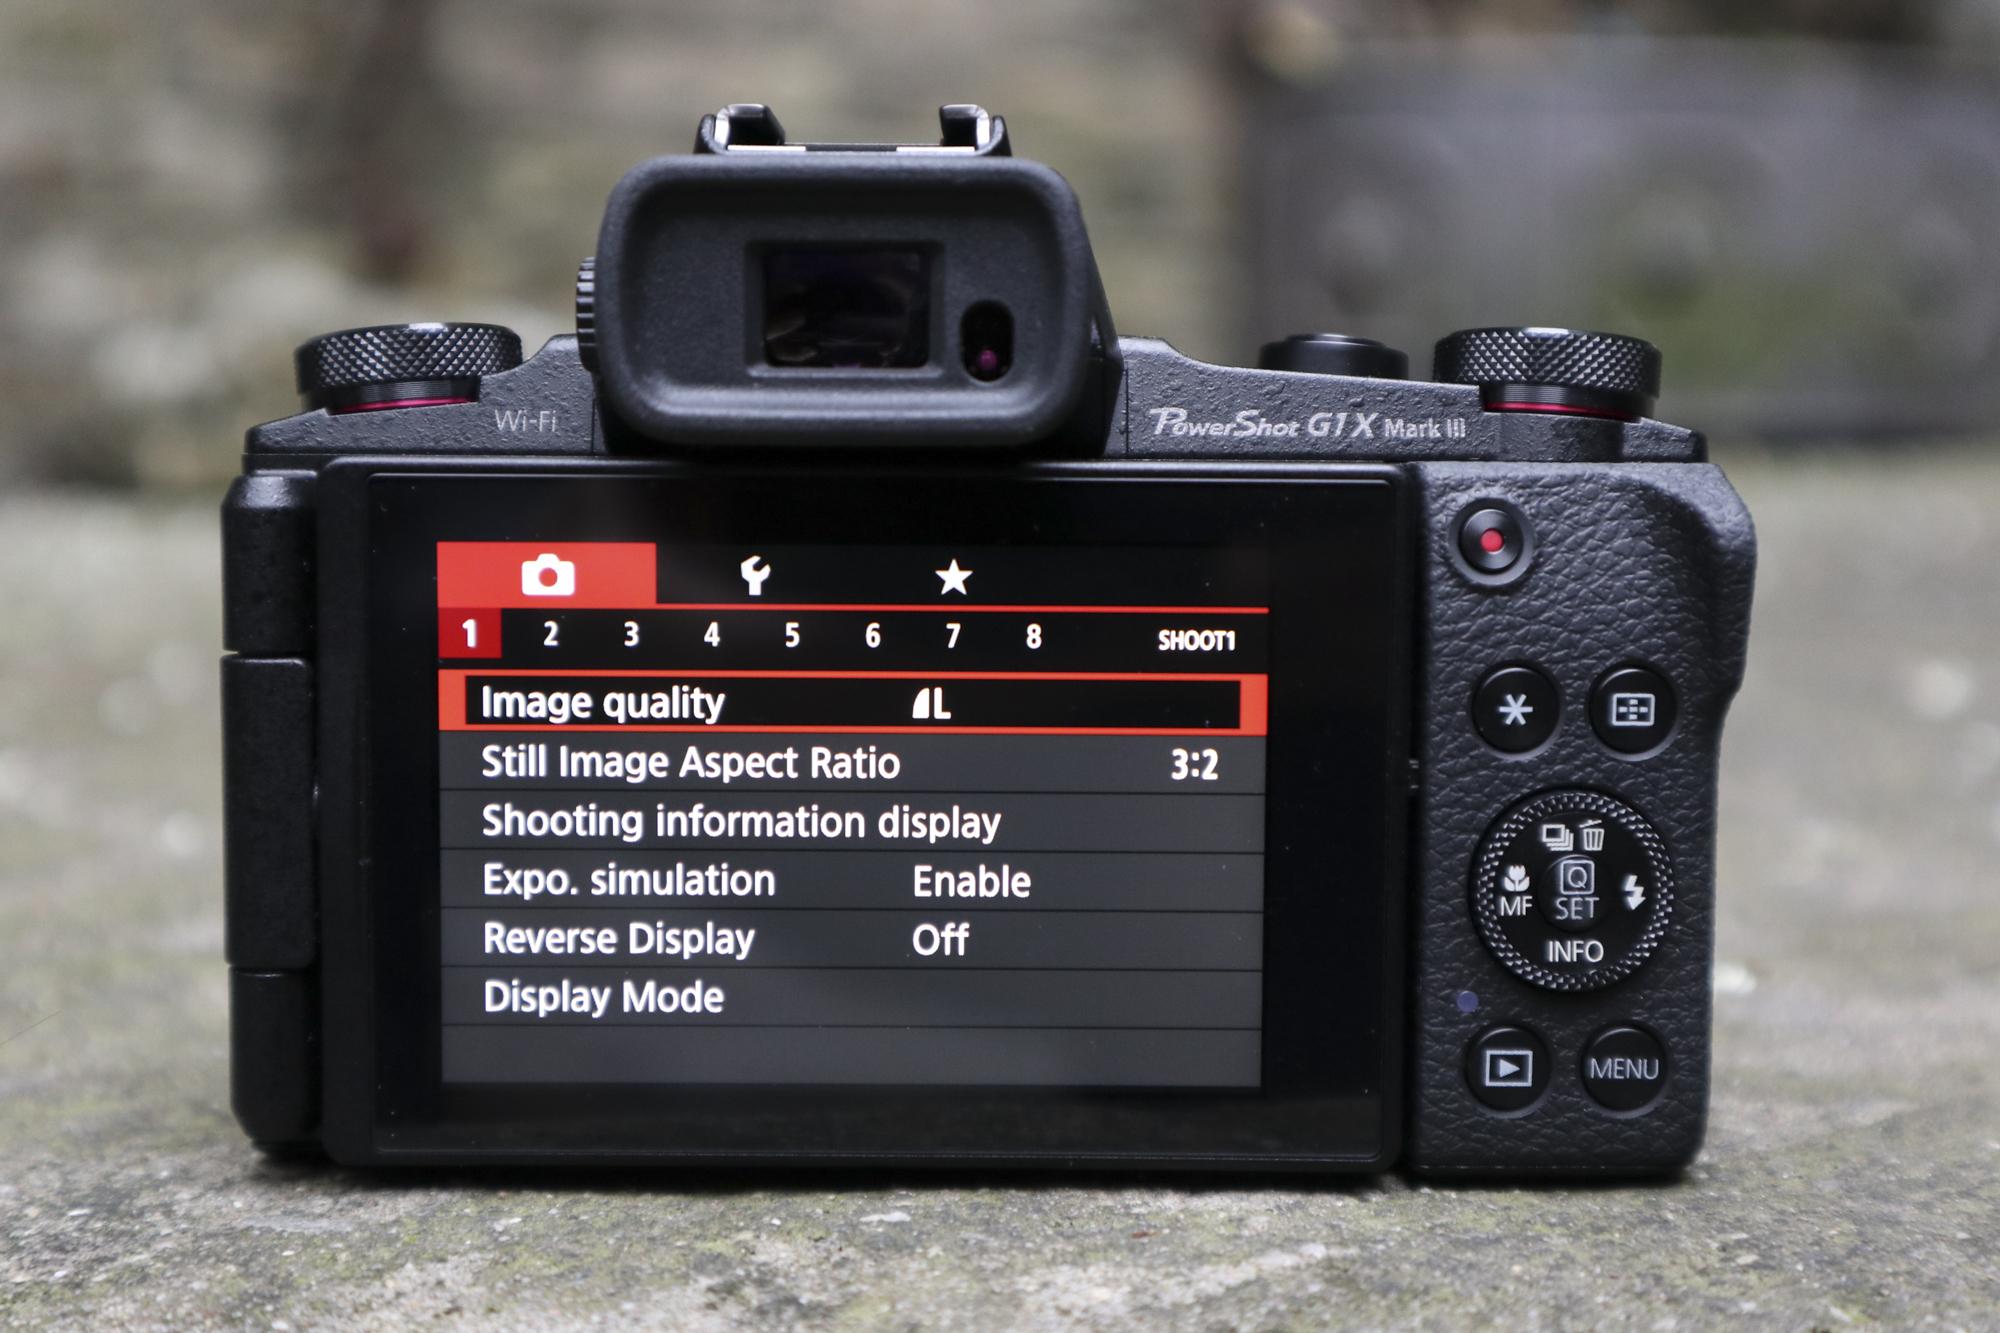 canon powershot g1x iii product images 03.jpg